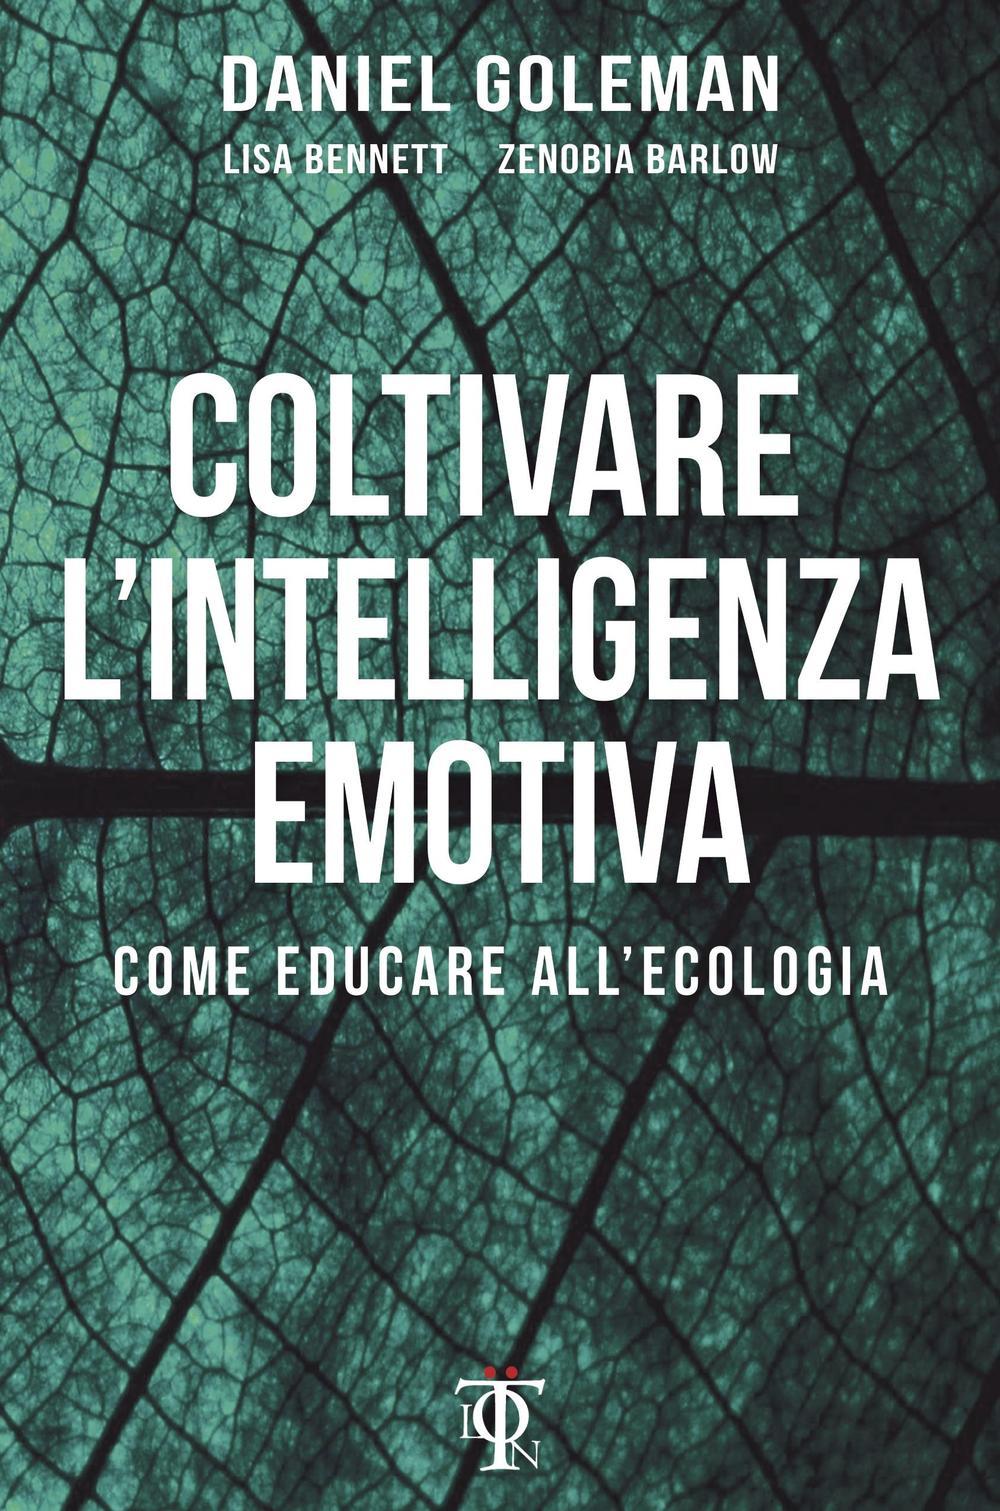 COLTIVARE L'INTELLIGENZA EMOTIVA. COME EDUCARE ALL'ECOLOGIA - 9788899684136